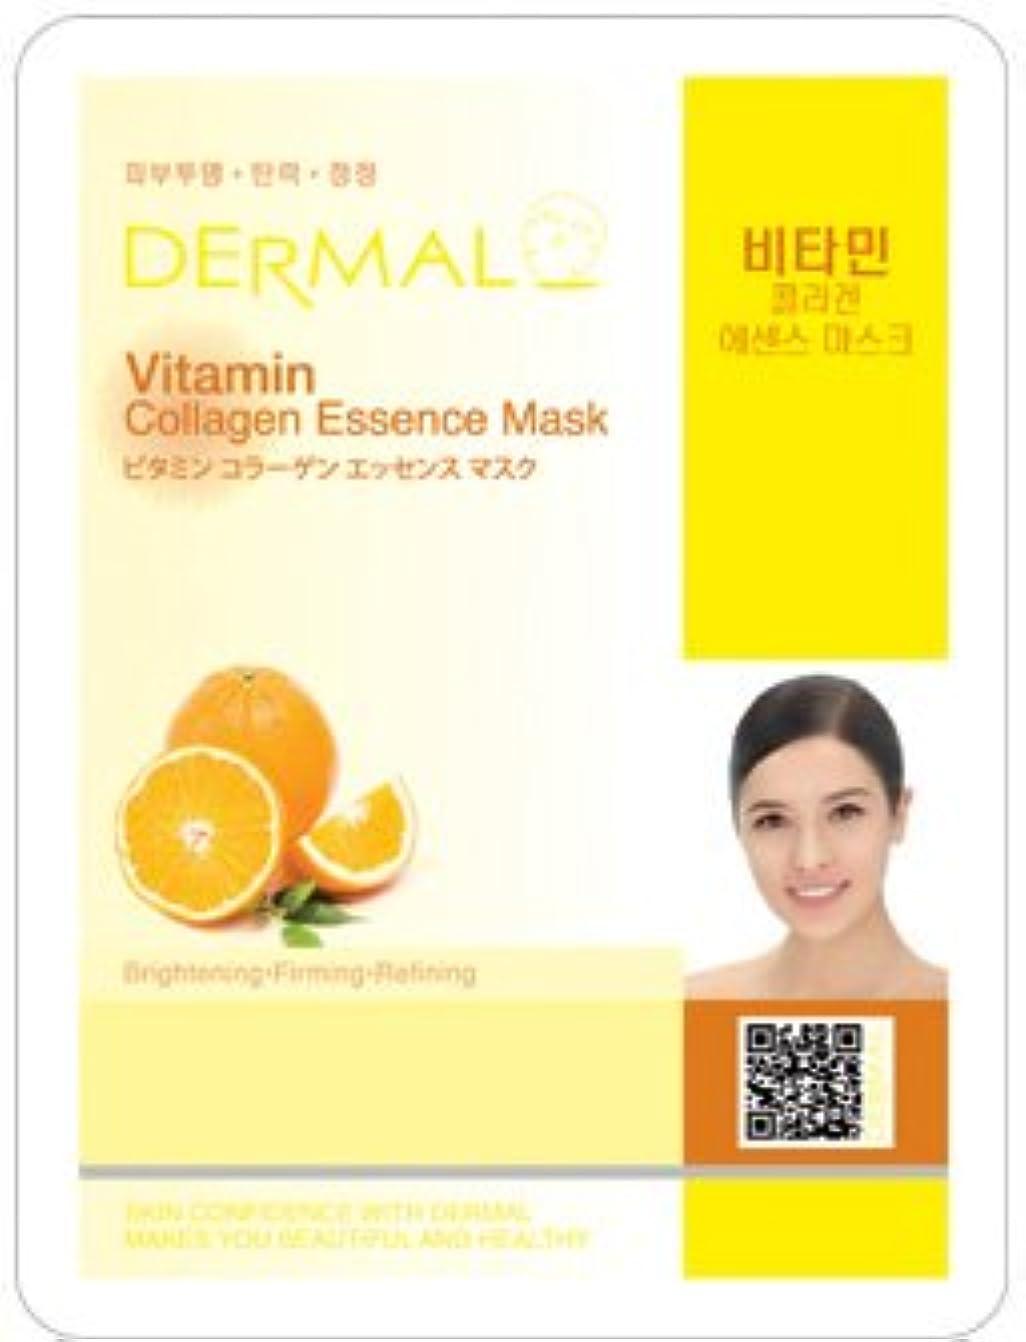 隣人必需品下シートマスク ビタミン 10枚セット ダーマル(Dermal) フェイス パック